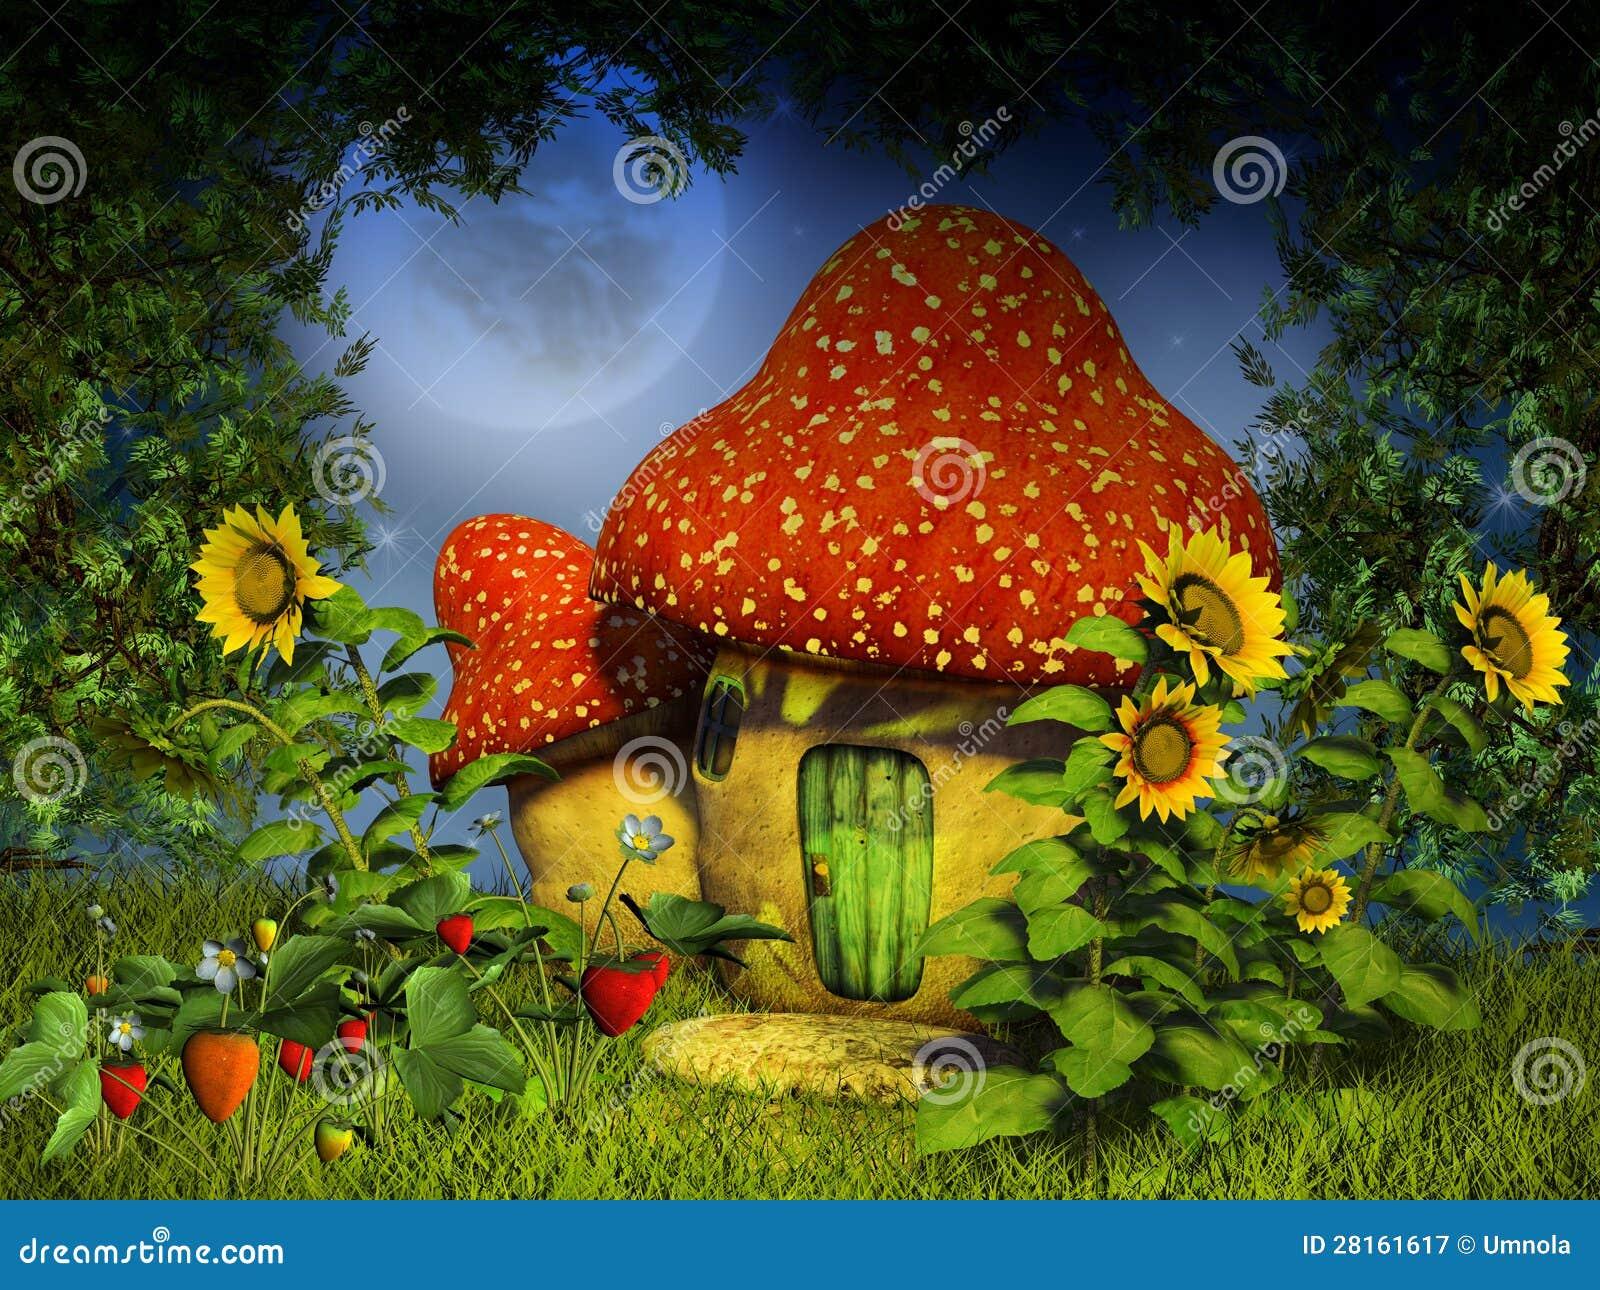 Fantasy Mushroom House Royalty Free Stock Photography